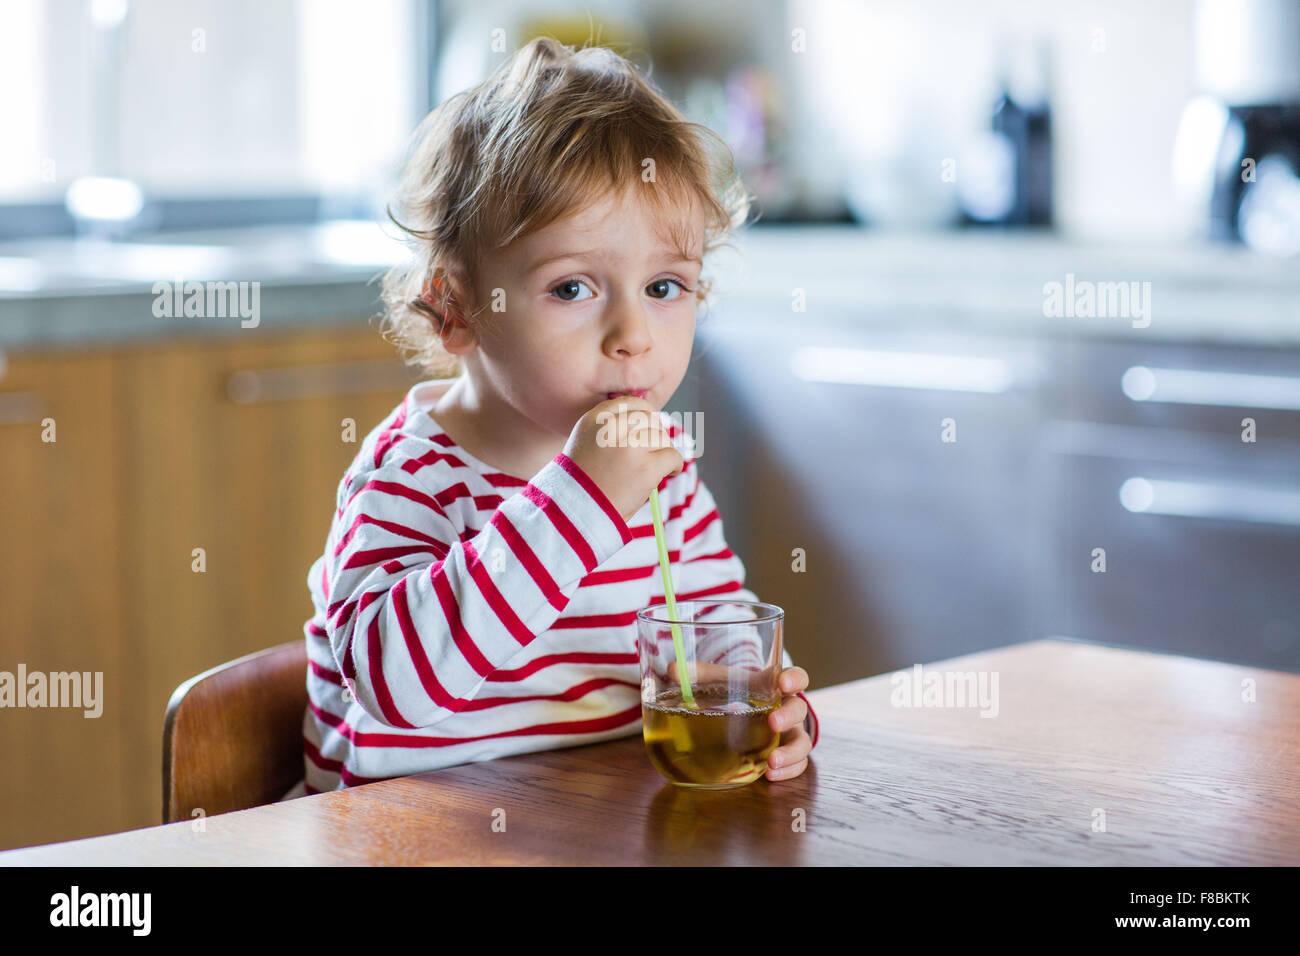 2 anno-vecchio ragazzo di bere succo di frutta. Immagini Stock